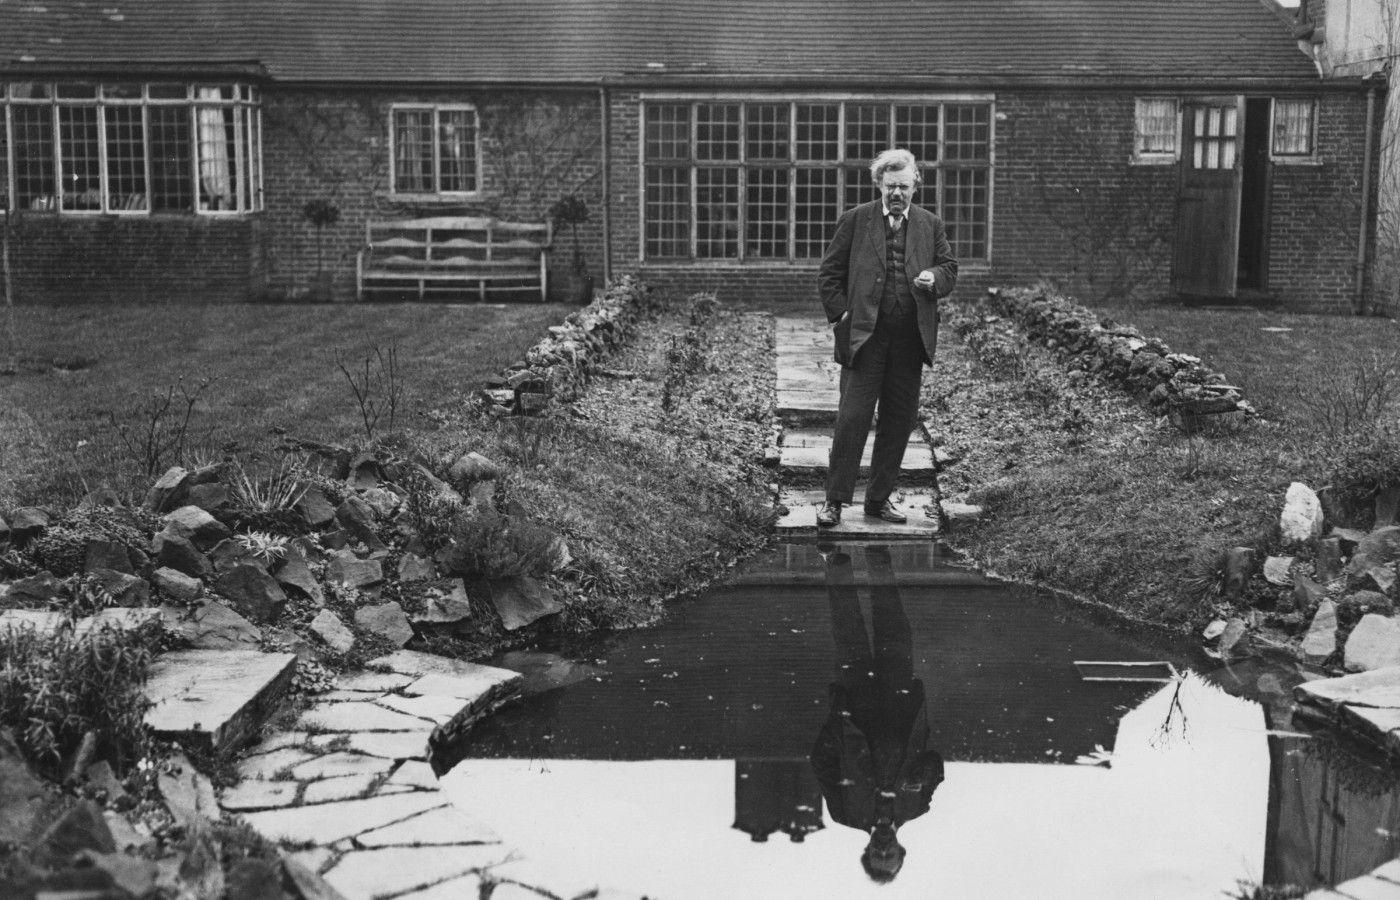 Гилберт Кит Честертон весил 130 килограммов при росте почти в 2 метра. Источник: chesterton.org